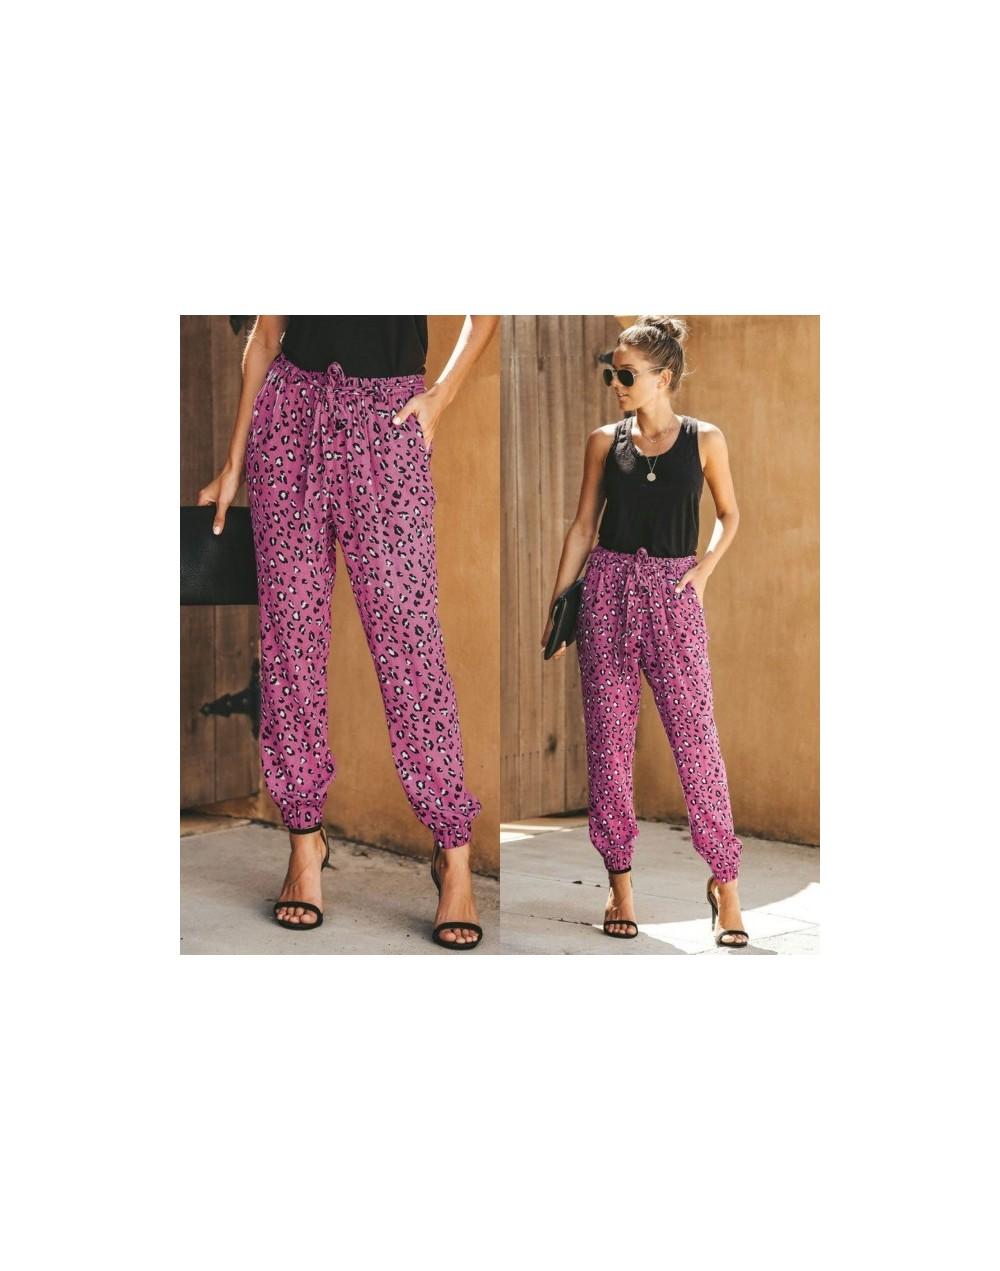 Harem Baggy Cargo Pants Women Pink Leopard Summer Green Women's Sports Plus Size Casual Pantalon Femme Streetwear trousers N...